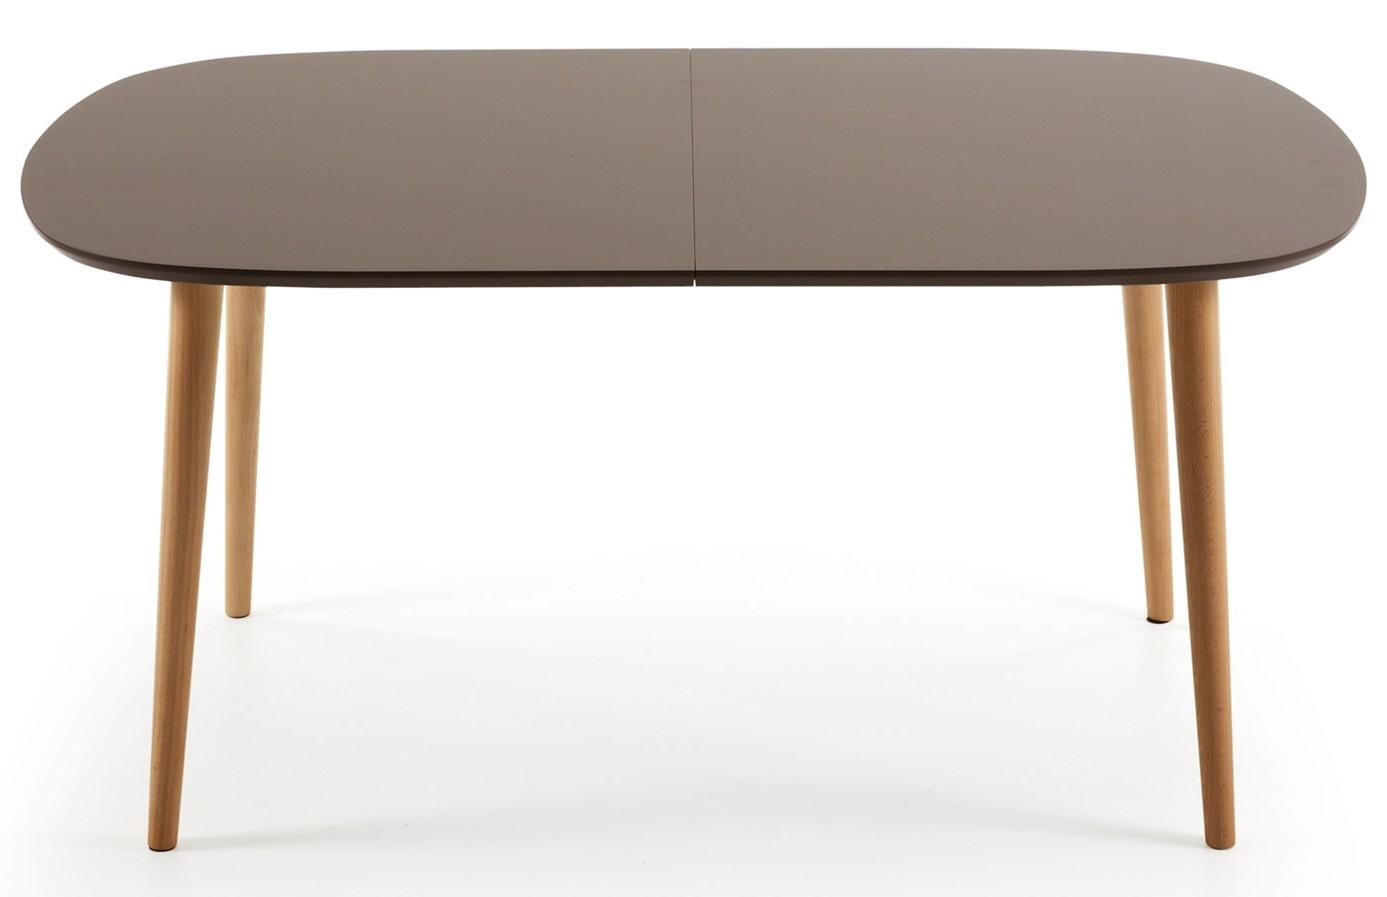 Uitschuifbare tafel kopen?   Online Internetwinkel